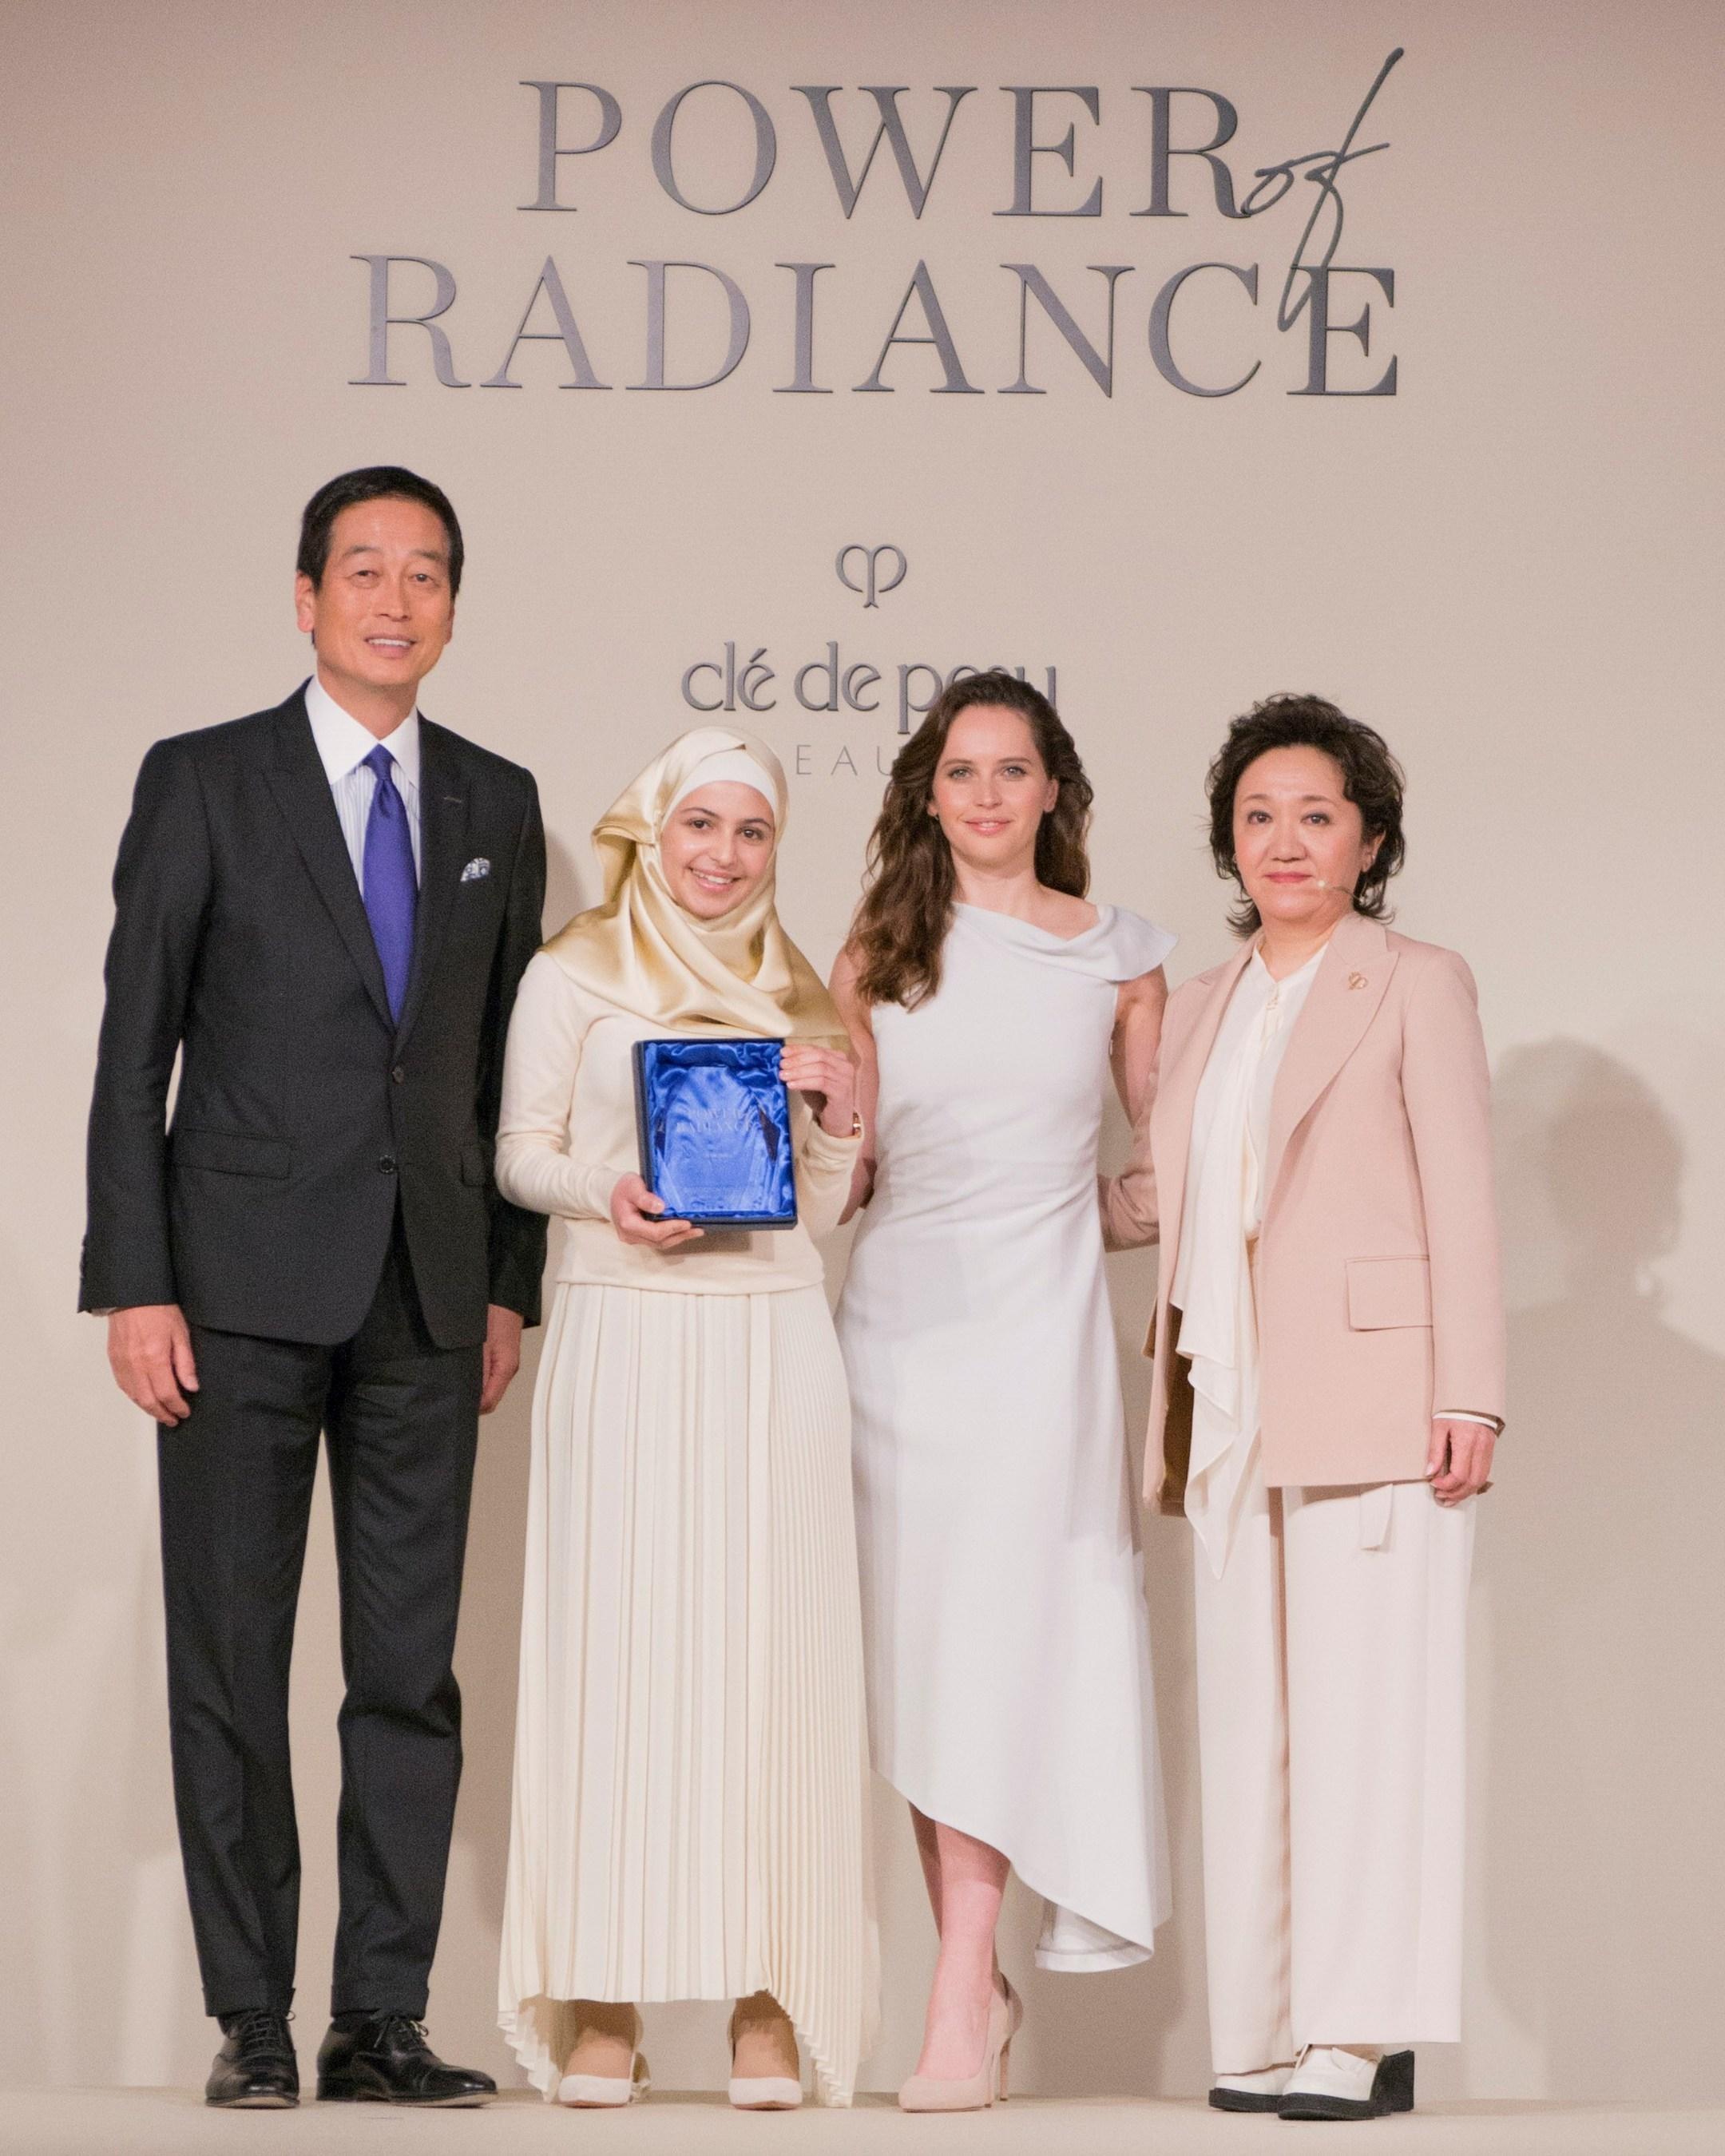 Clé de Peau Beauté anuncia el lanzamiento del programa 'The Power of Radiance'